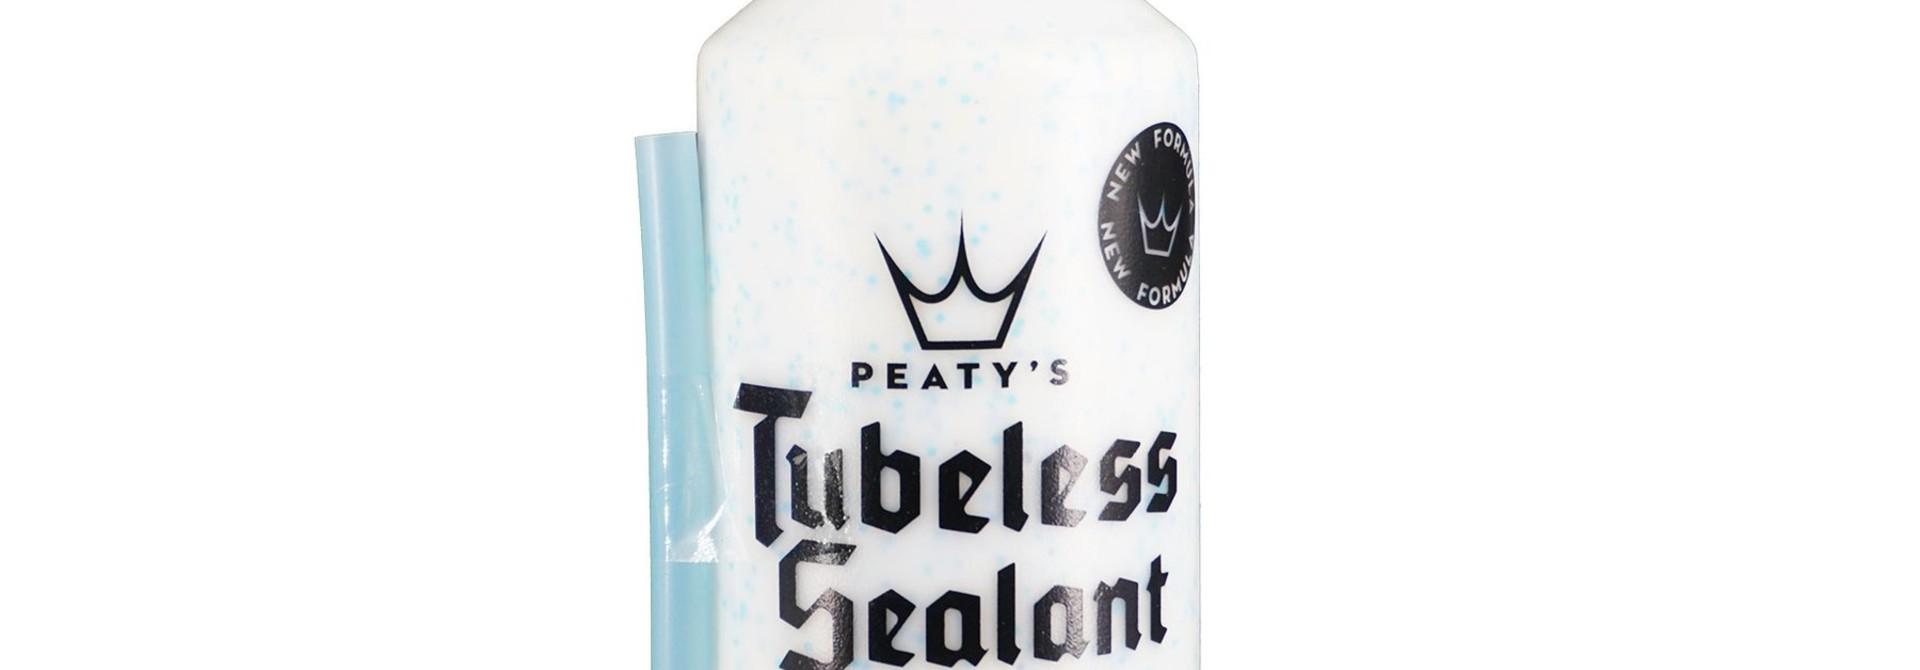 Peaty's Sealant Bottle 500ML